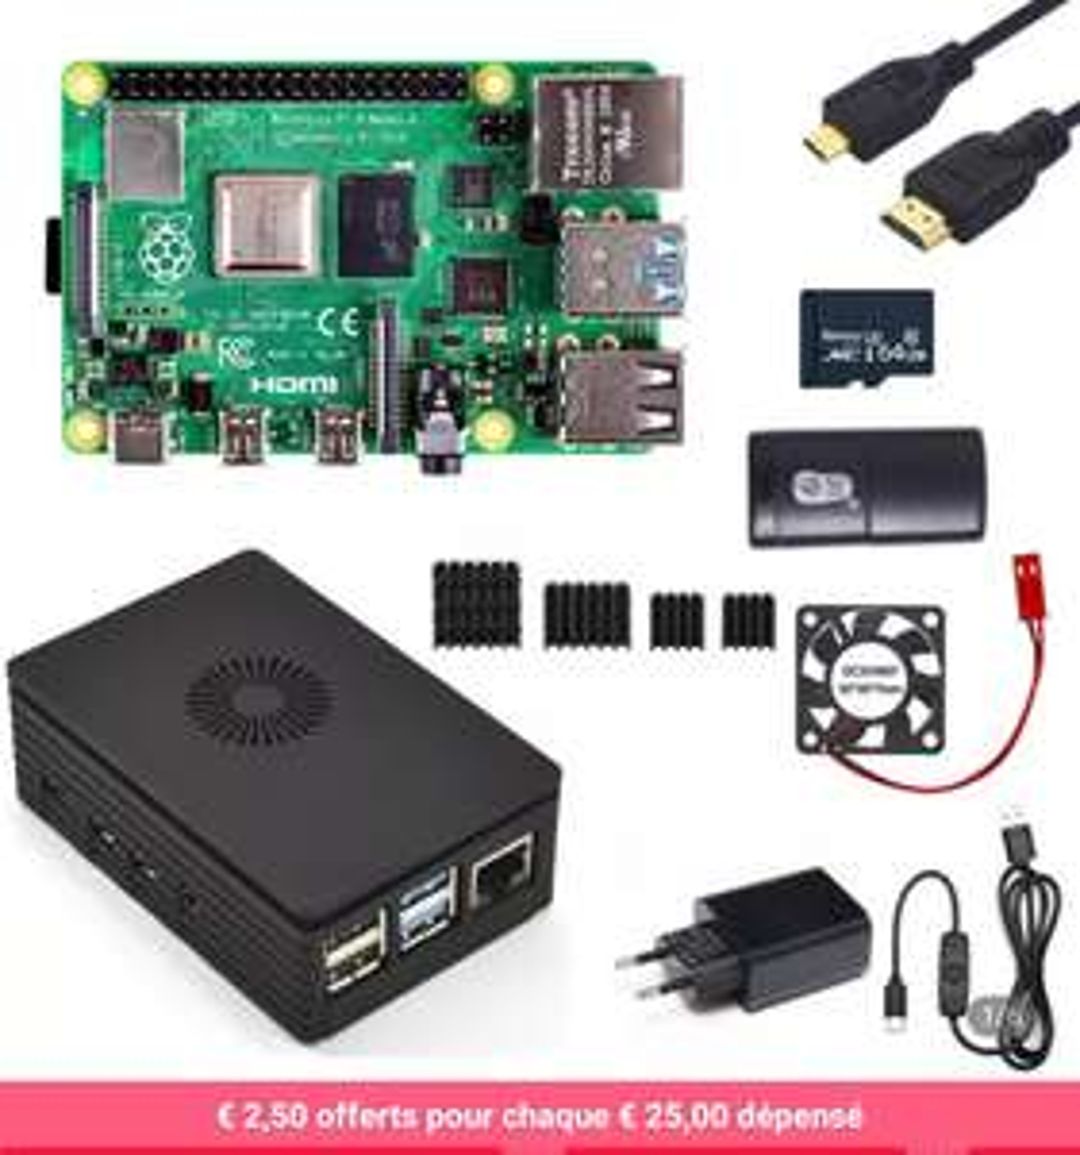 Bundle carte de développement Raspberry Pi 4 - 4 Go + Carte mémoire 64 Go + Accessoires (59.92€ avec le code FR328MD07)